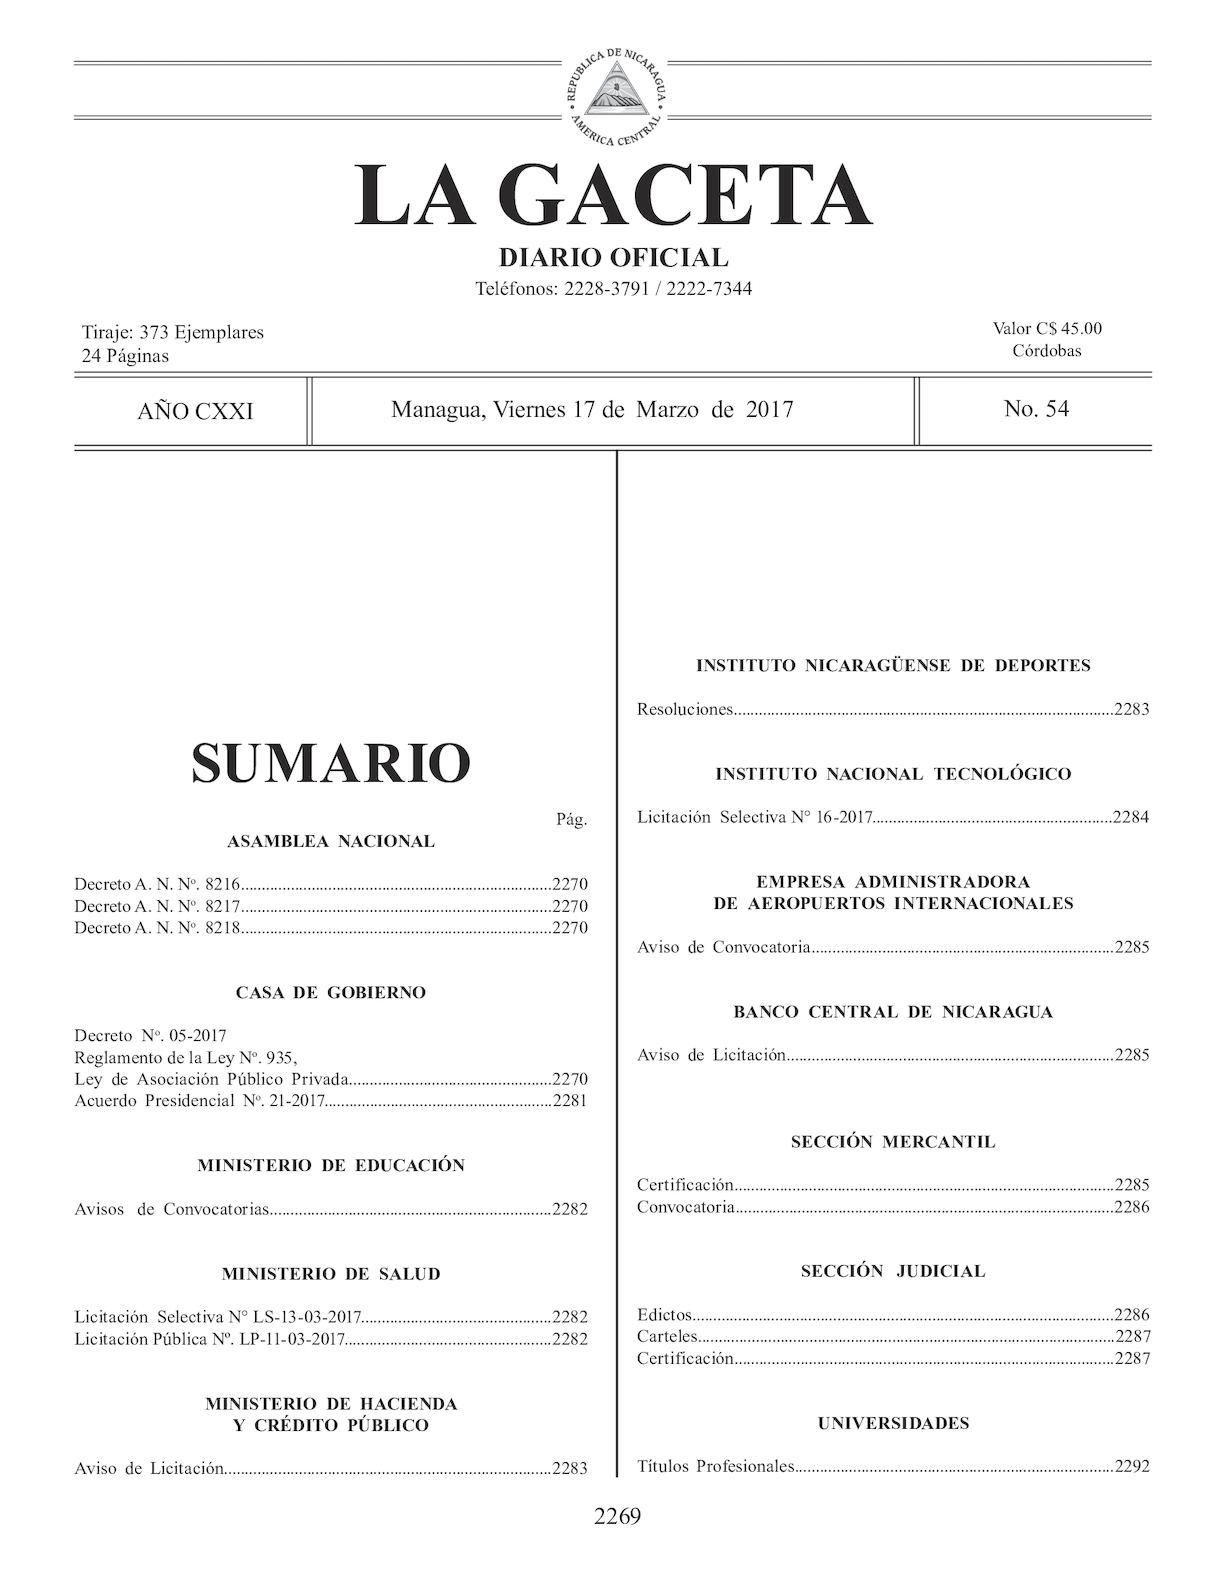 Gaceta No 54 Viernes 17 De Marzo De 2017